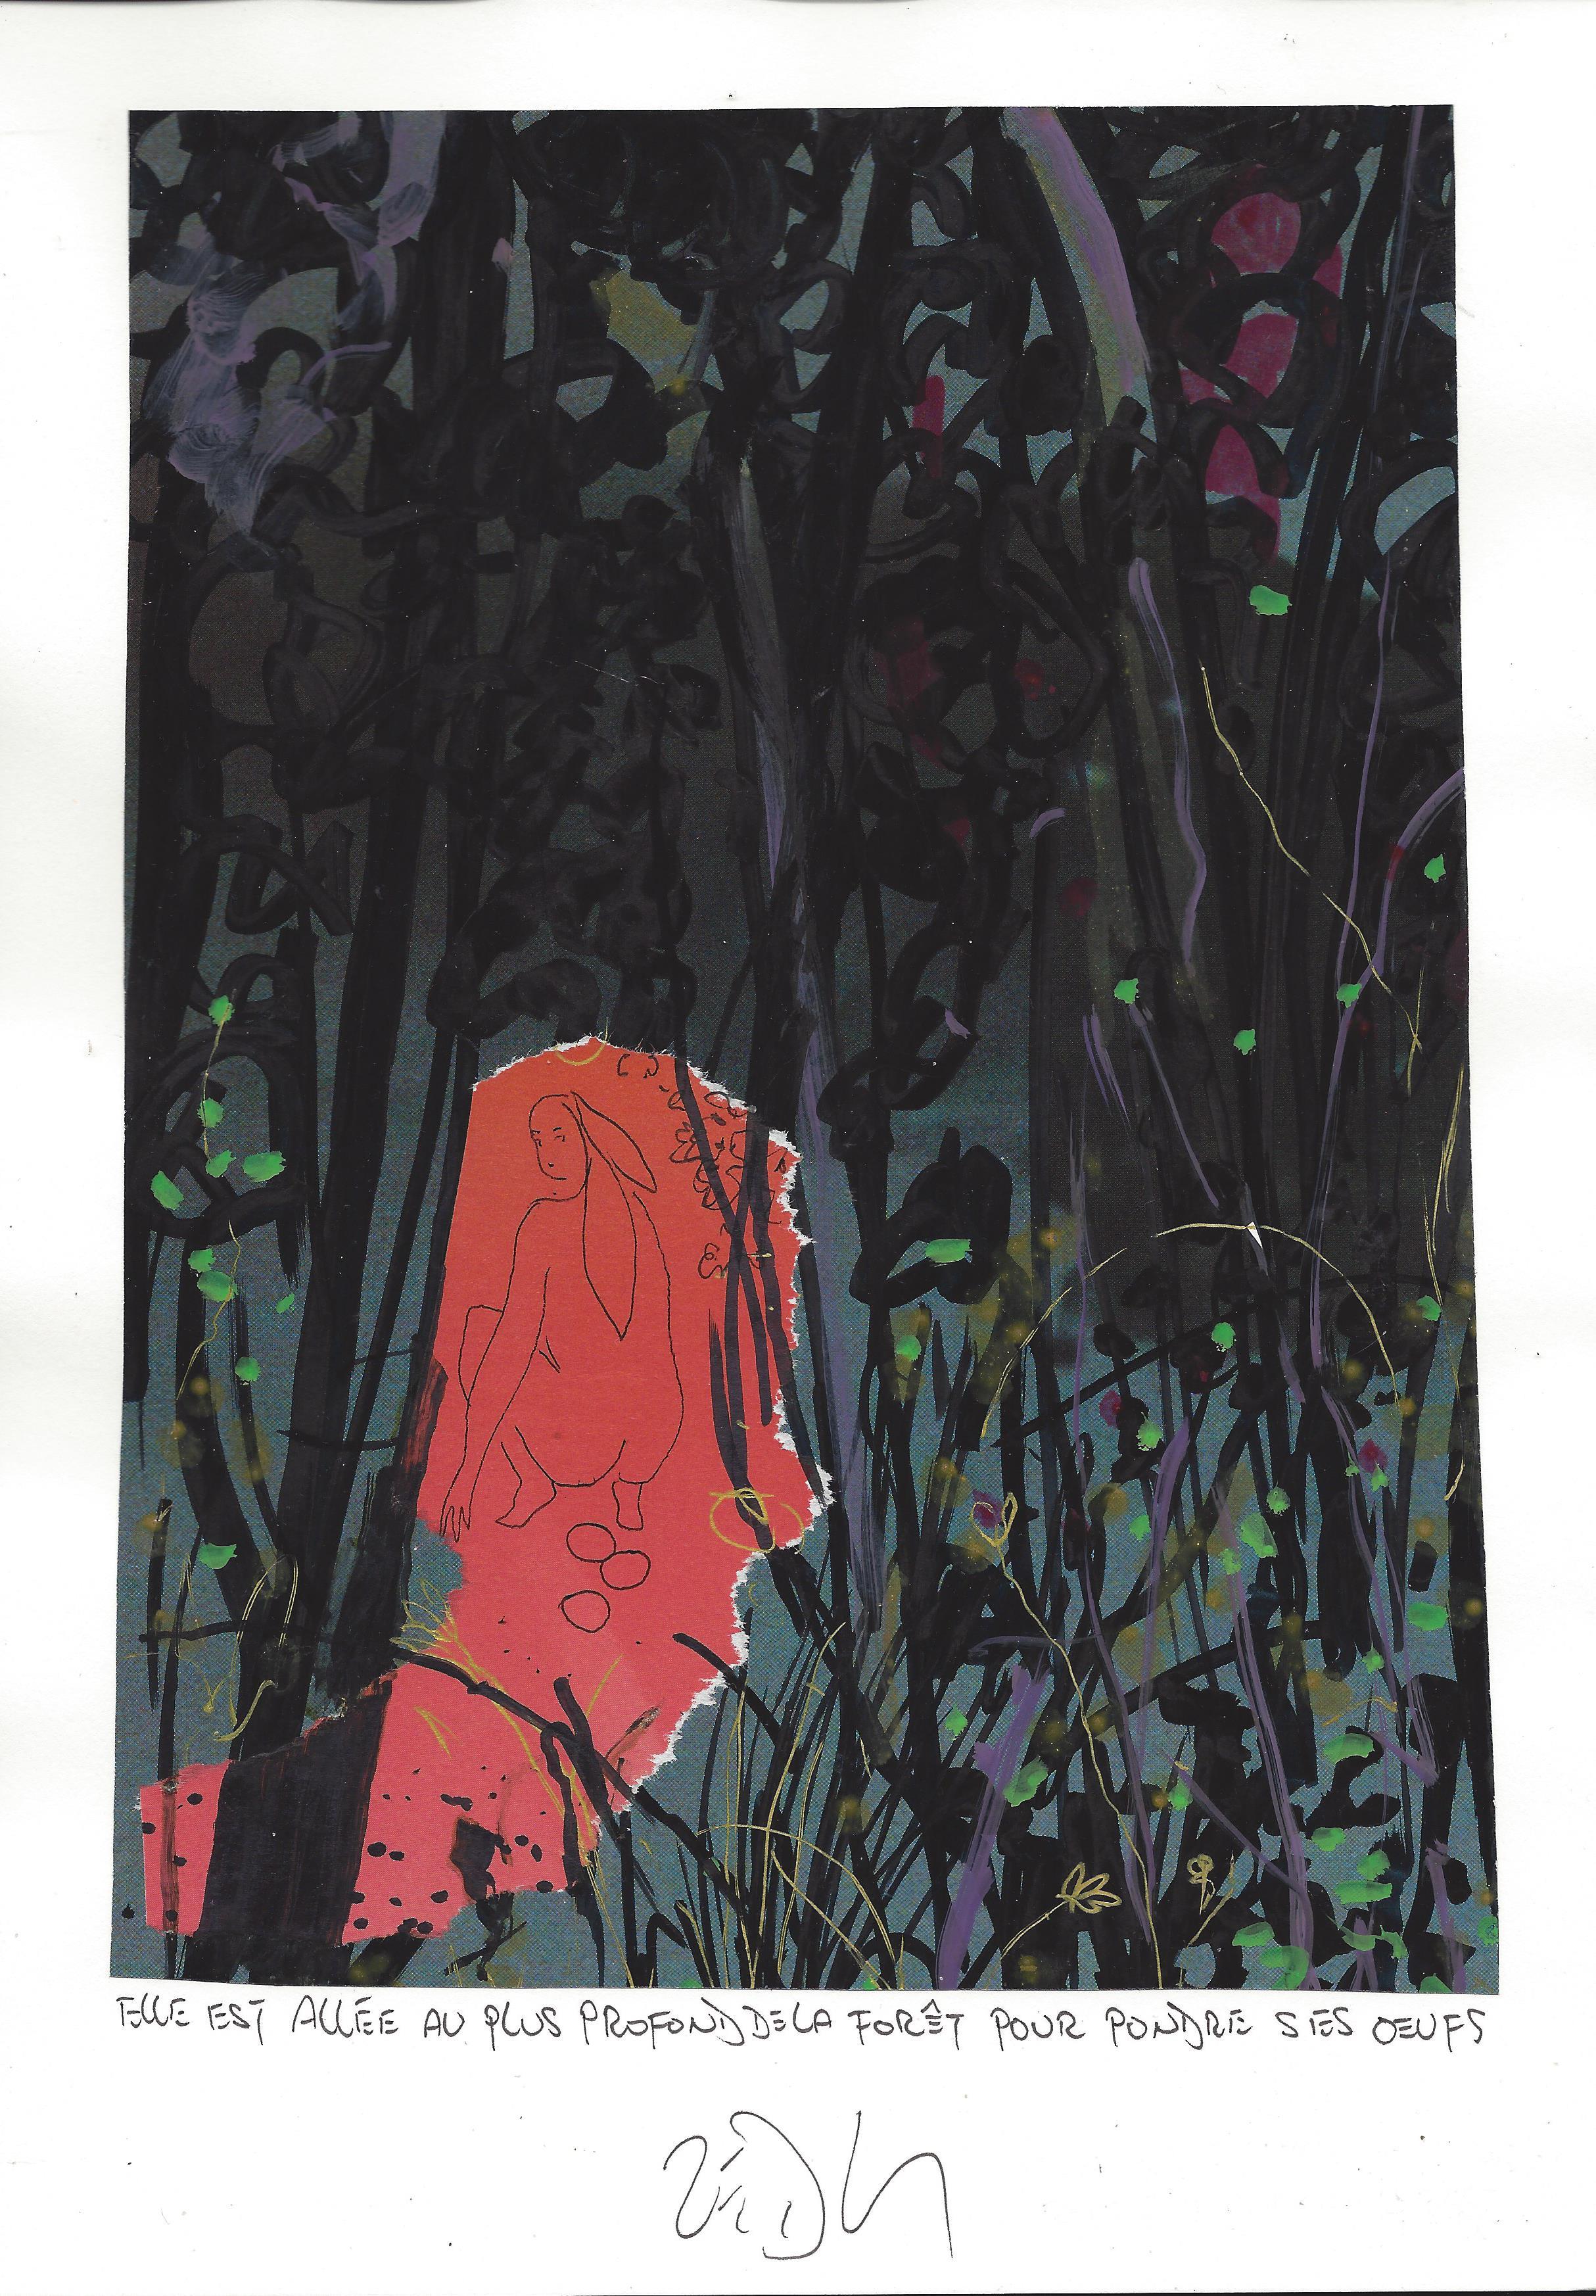 « She went deep into the forest to lay her eggs – Elle est allée au plus profond de la forêt pour pondre ses œufs »